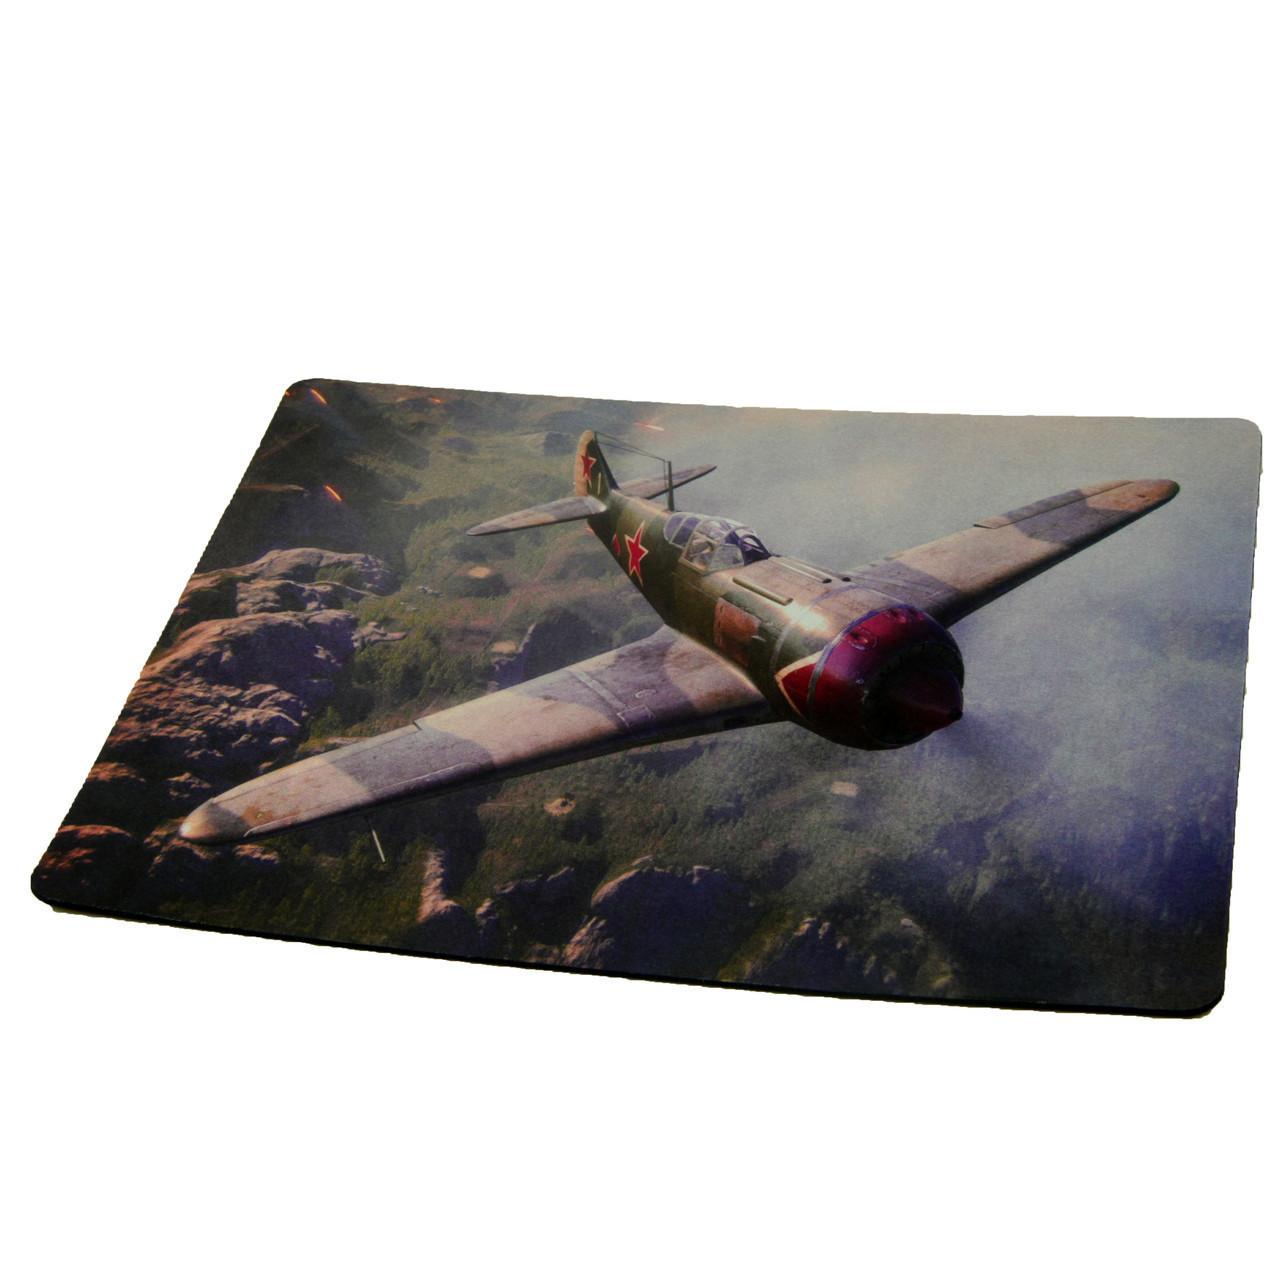 Коврик для мышки World of warplanes №4 (25*29*0.2), тканевые коврики, поверхность для лазерной мыши